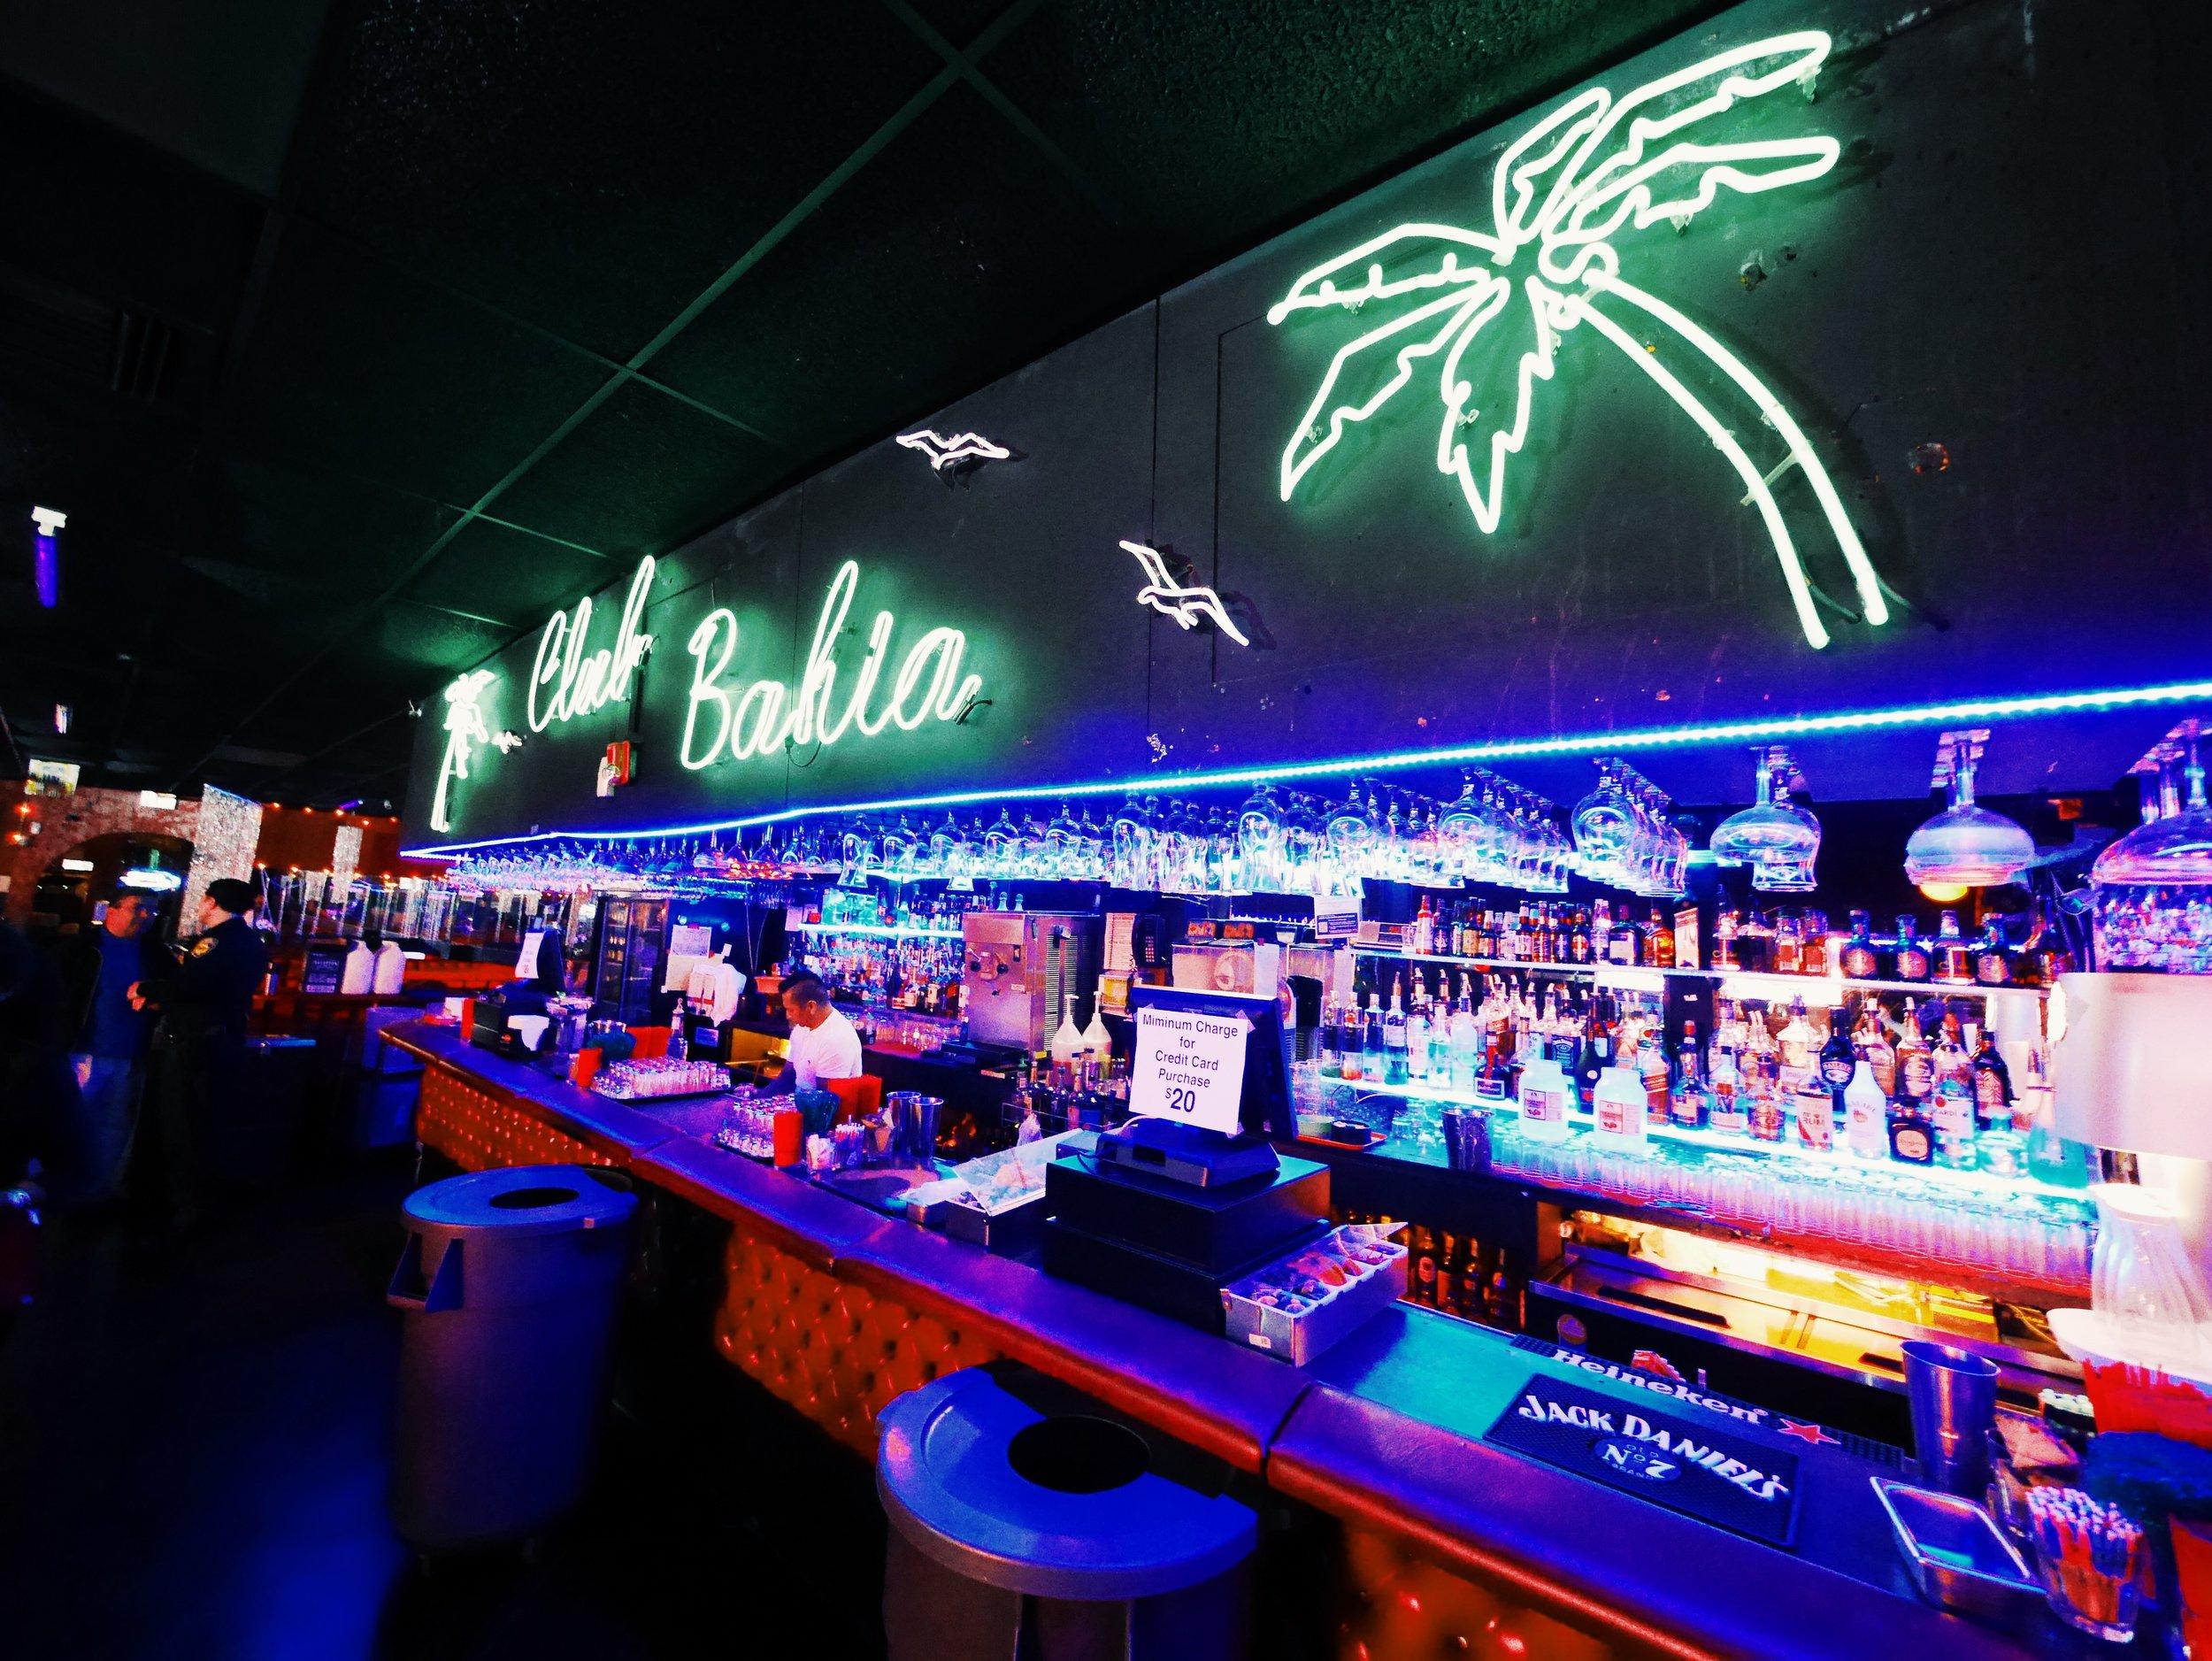 Internal Club Bahia